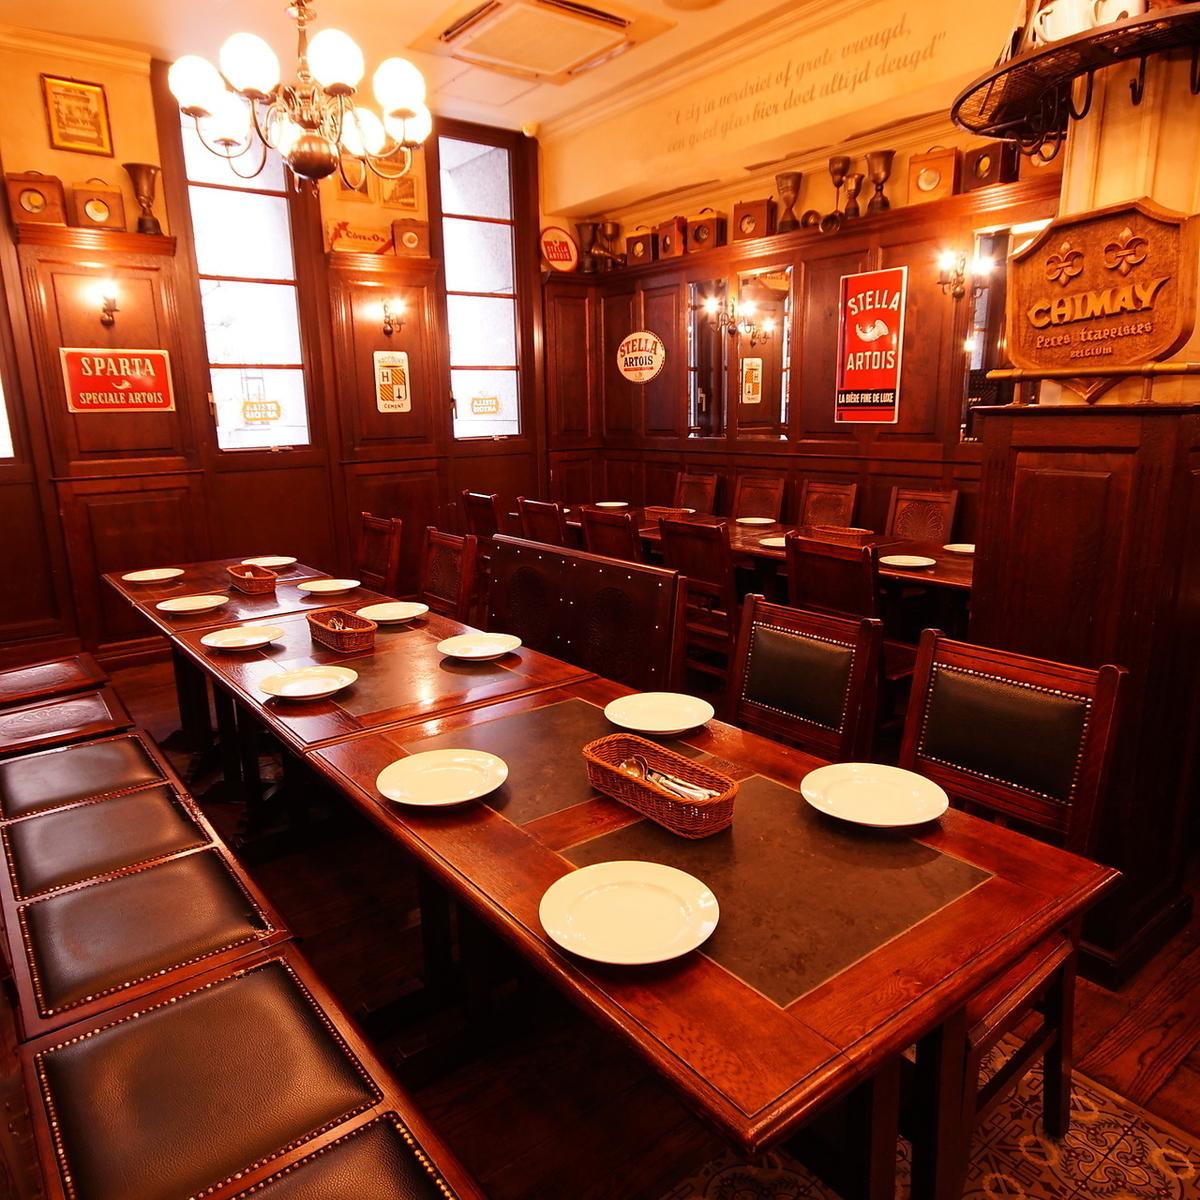 【16人~24個座位】是團體的座位。兩張桌子可以準備超過15人,附近的座位可以準備多達24人。